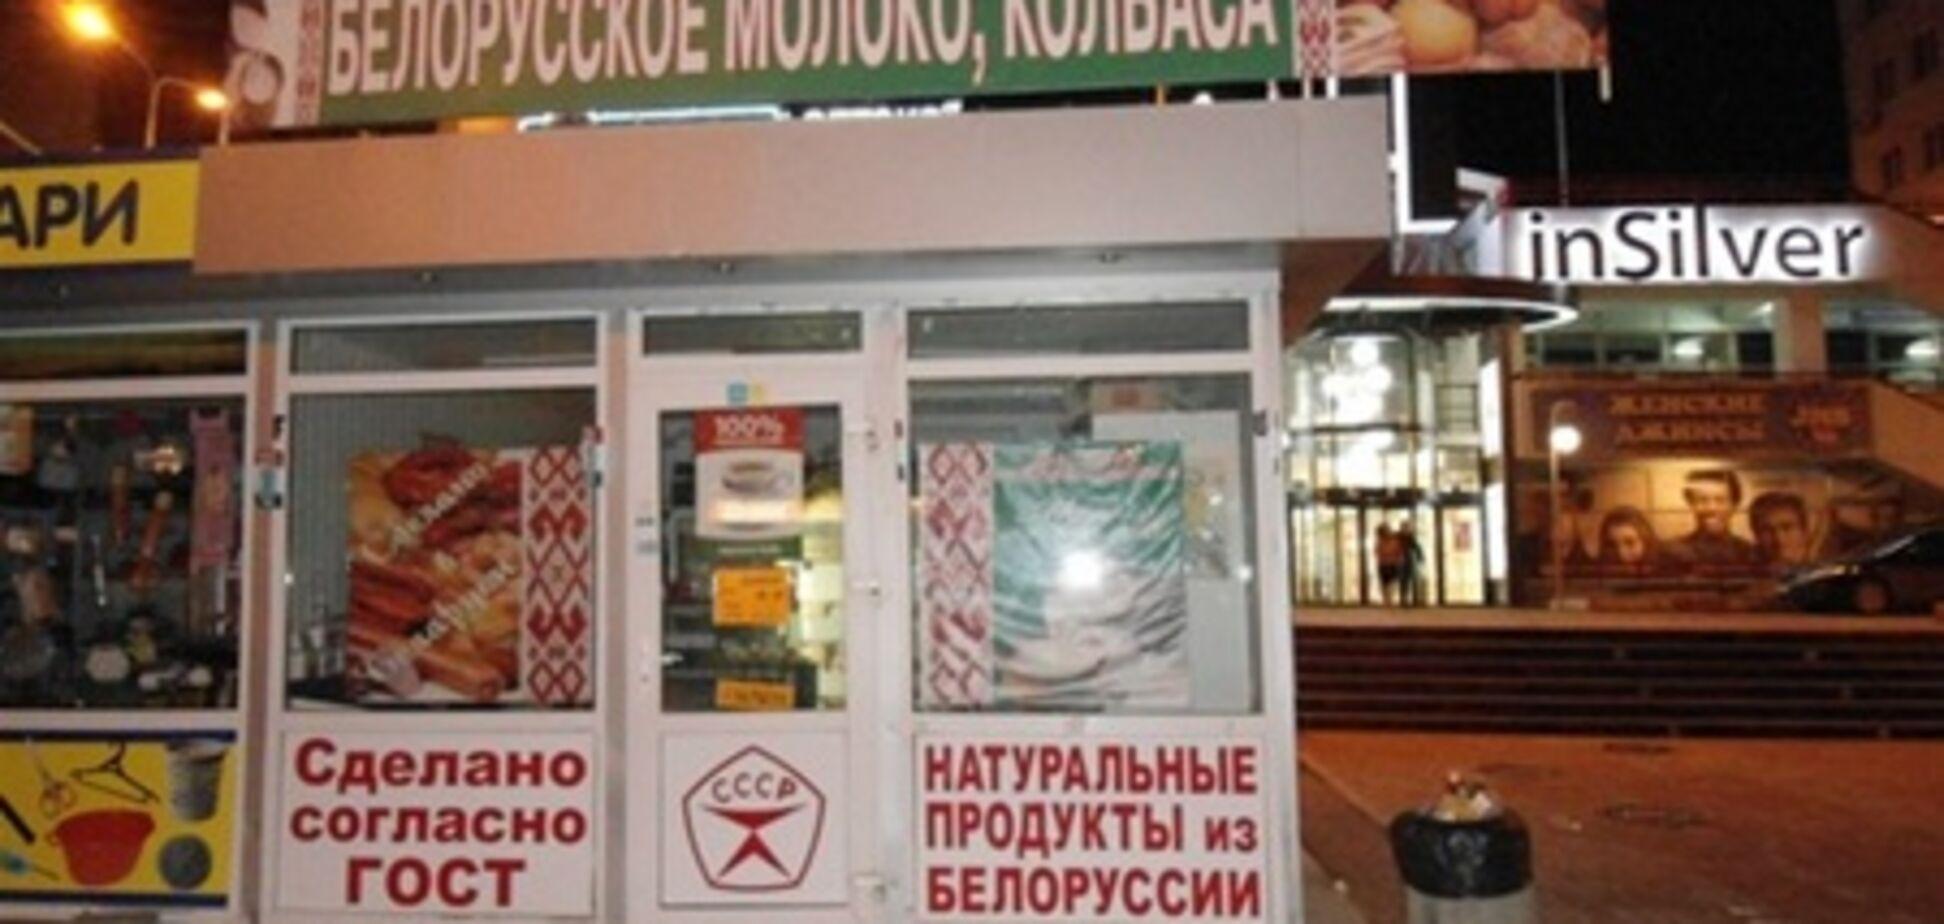 Білоруські продукти: чи є торгівля після заборони?